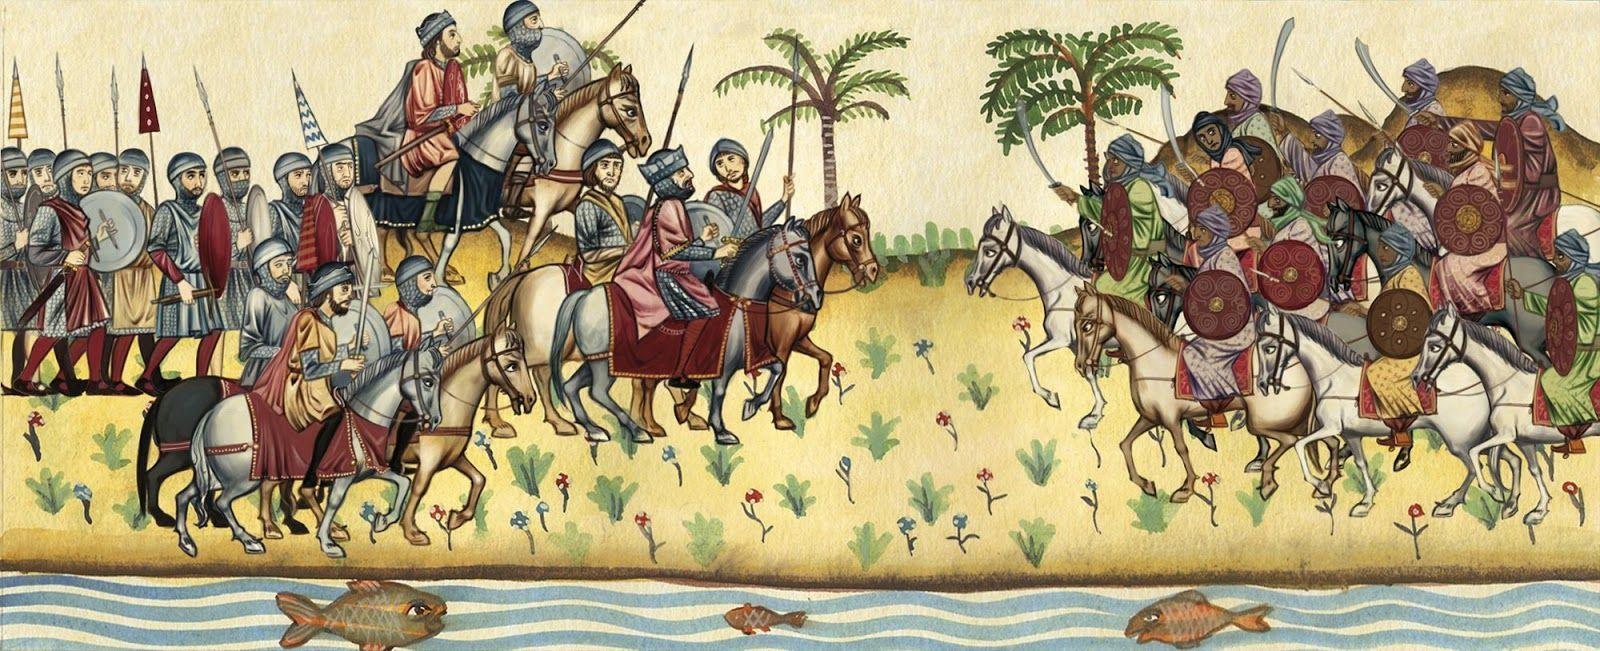 Los condes hispanogodos 1